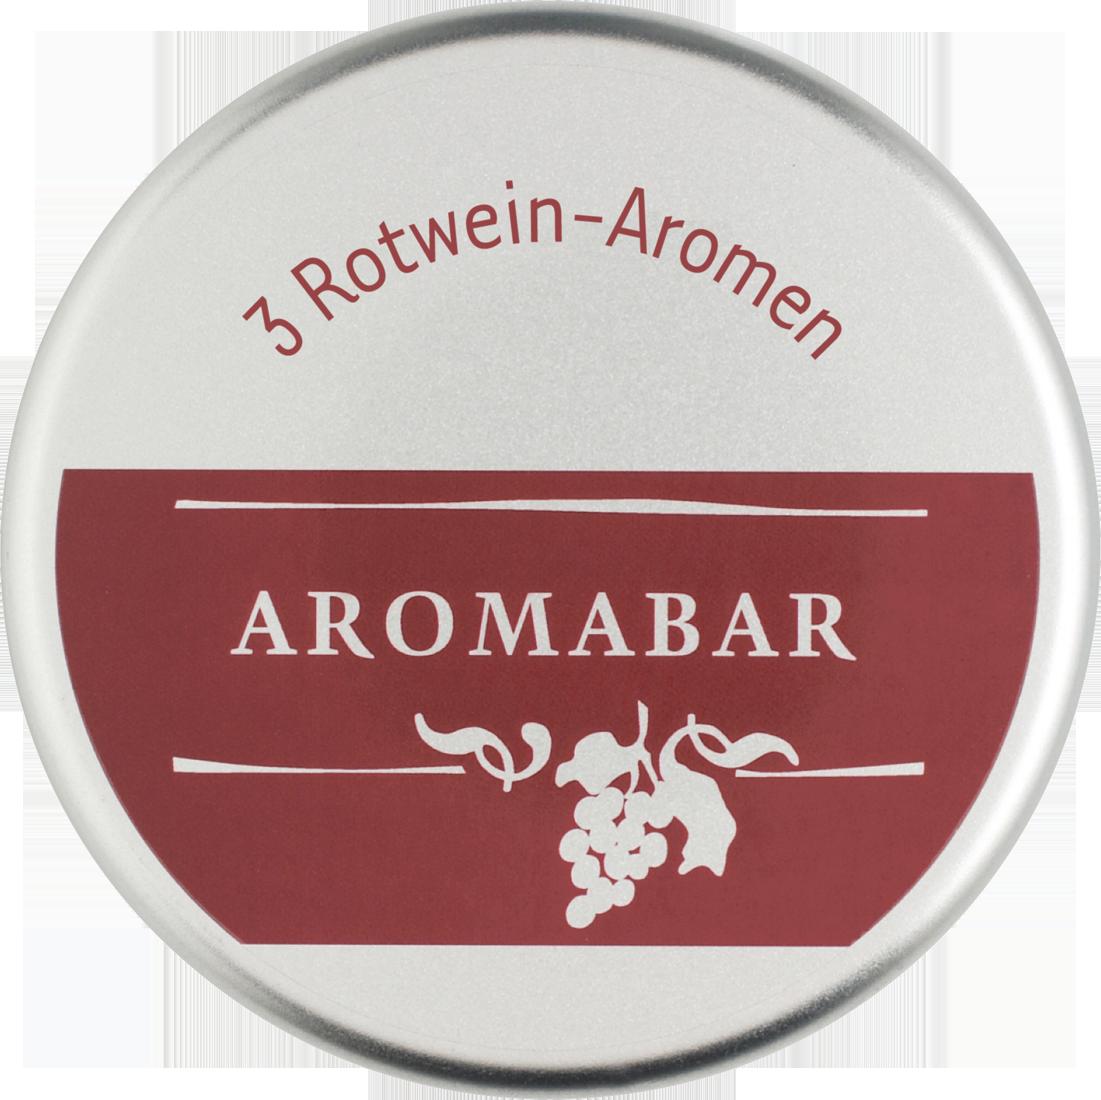 Aromabar Rotwein Schnupperdose